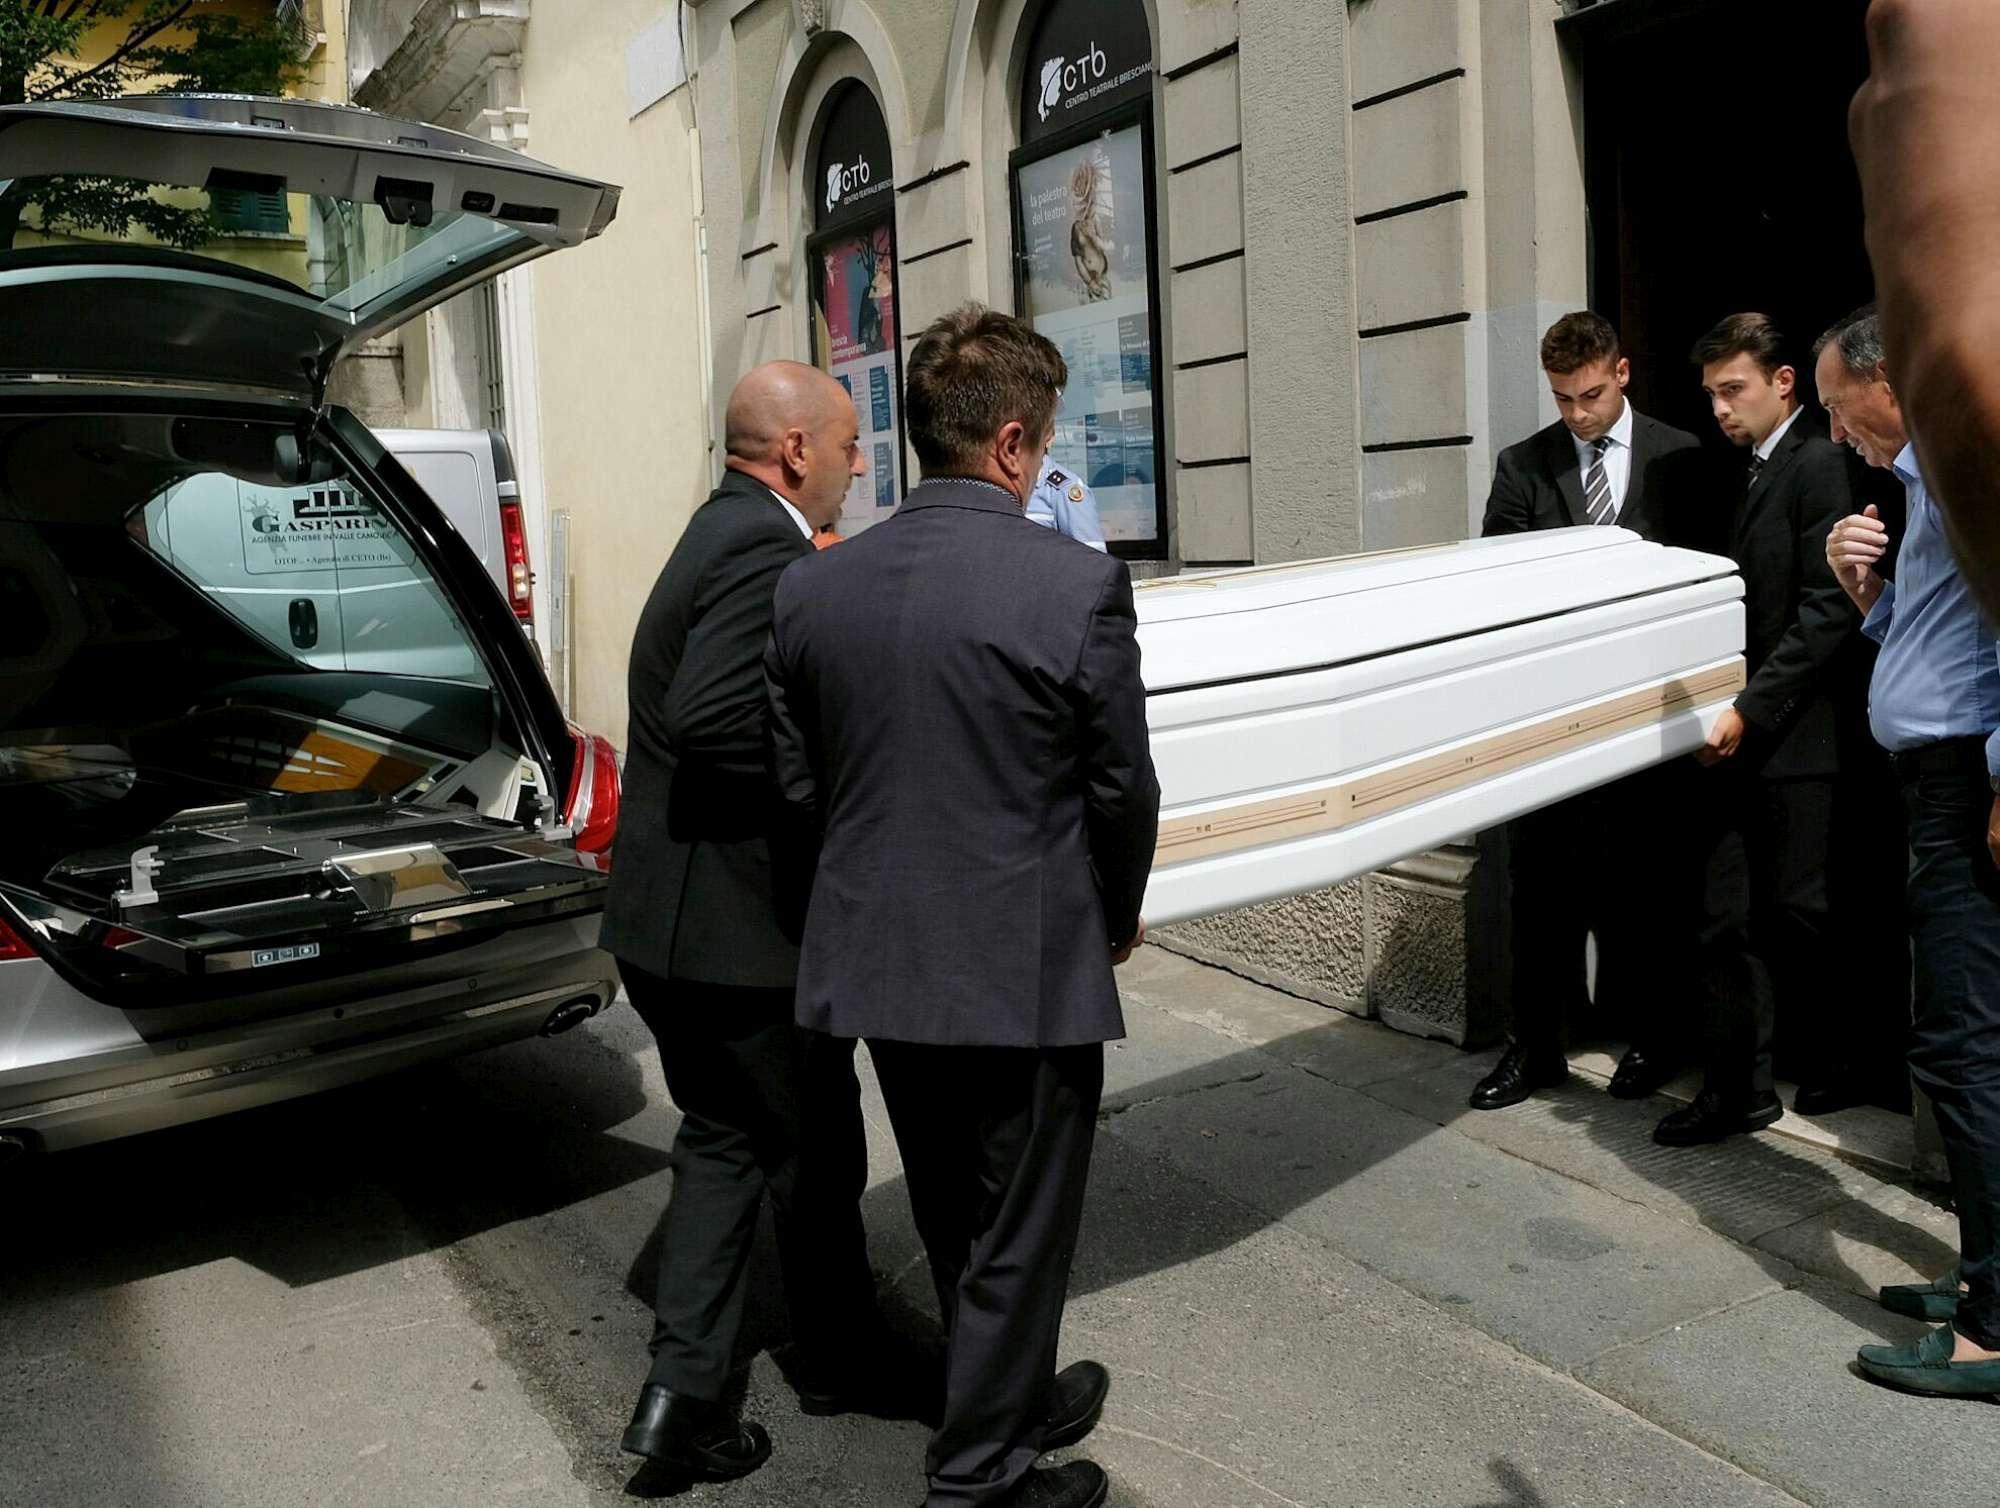 Addio a Nadia Toffa, l ultimo saluto nella sua Brescia